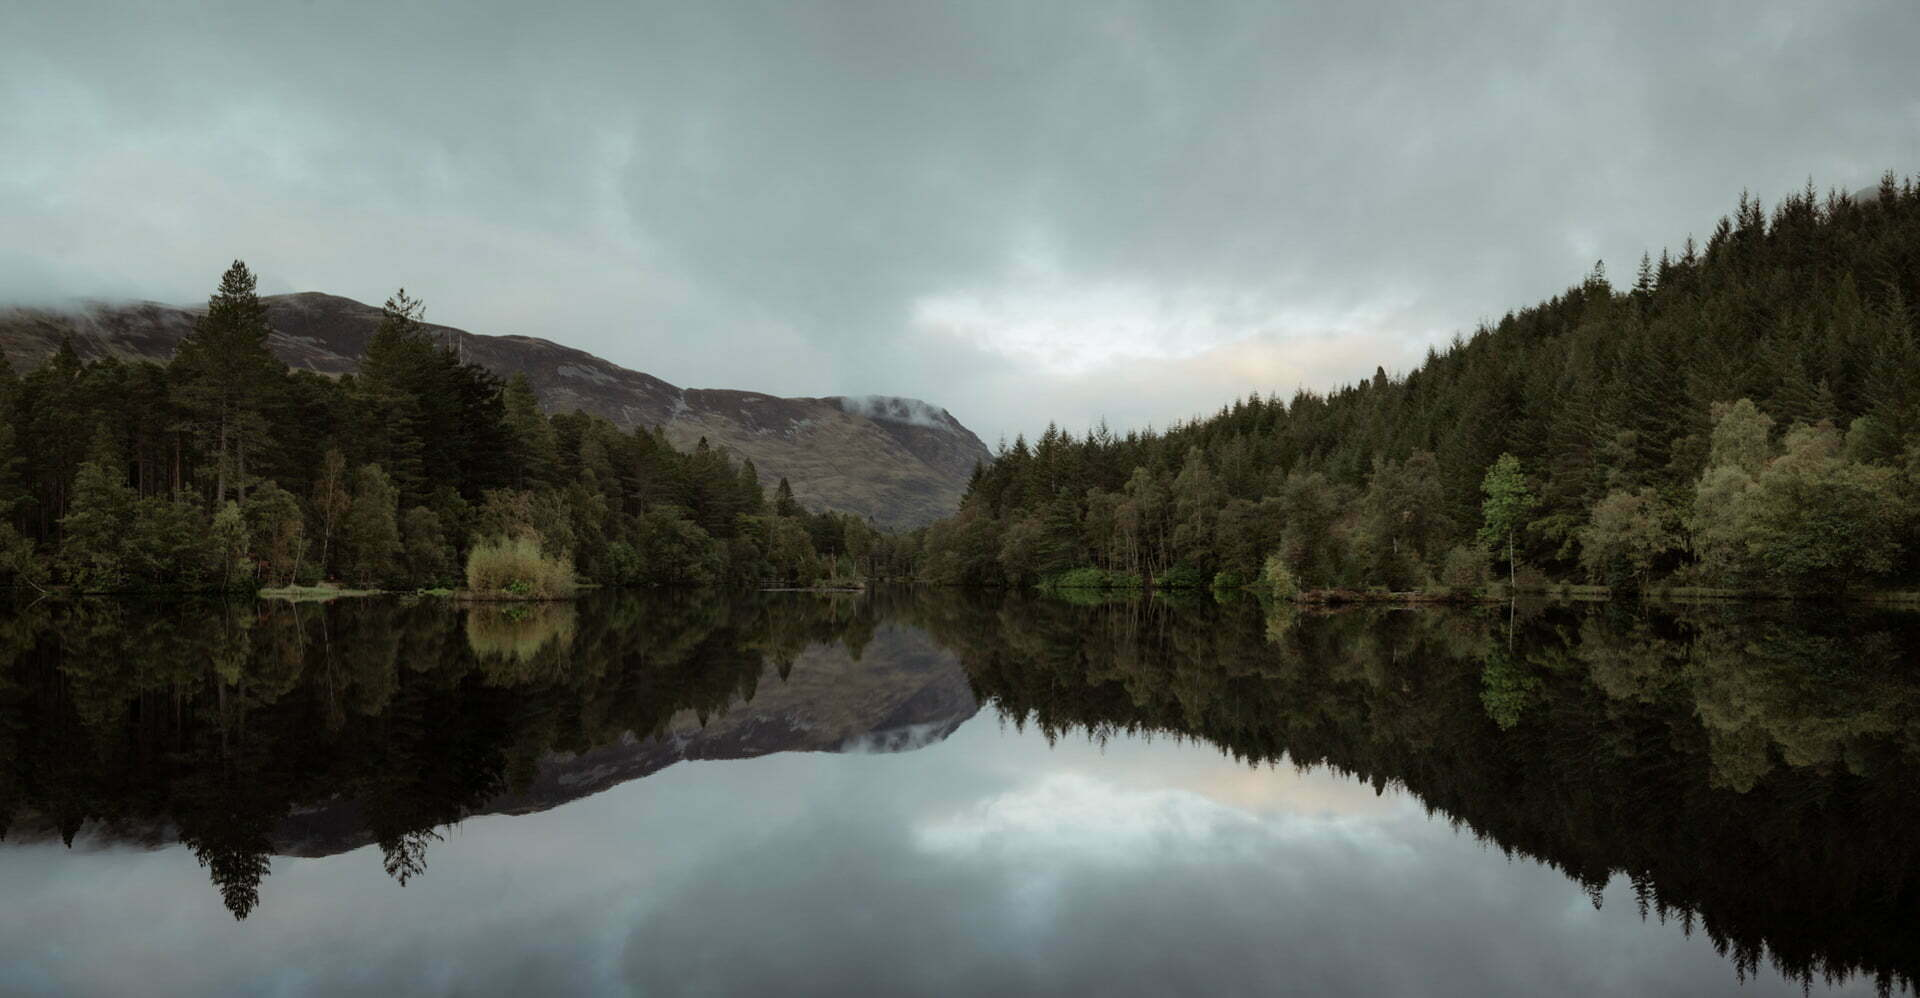 Glencoe loch an on an autumn day